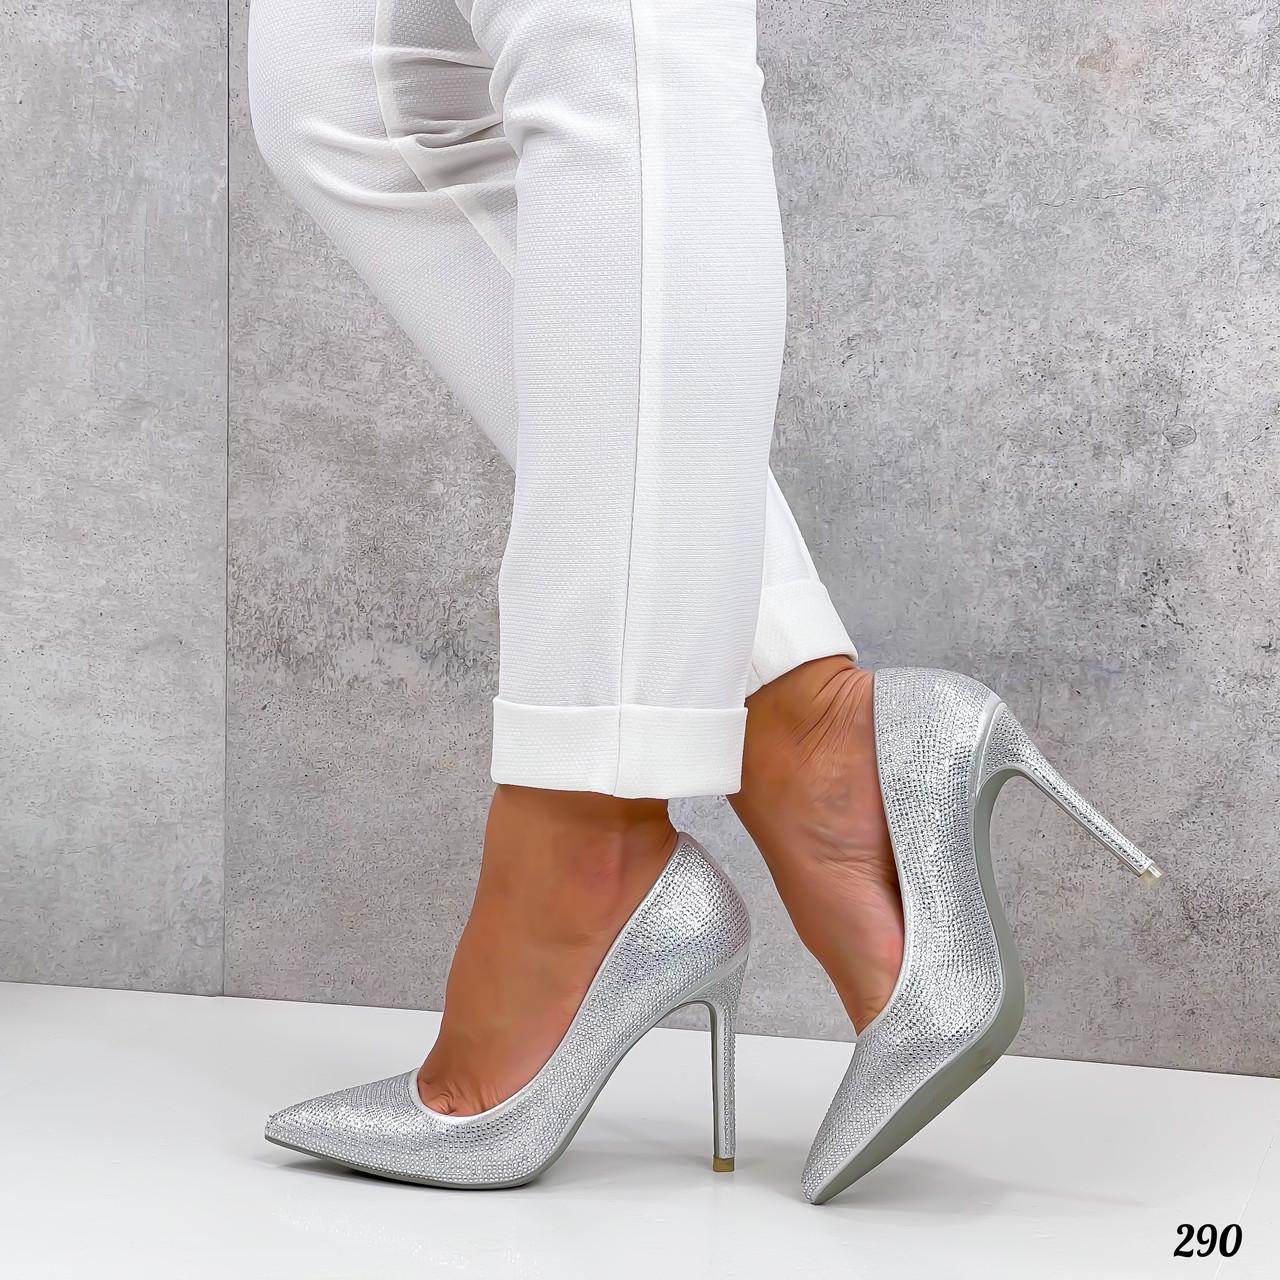 ТОЛЬКО 36 р! Туфли женские белые/ серебро со стразами каблук 10 см